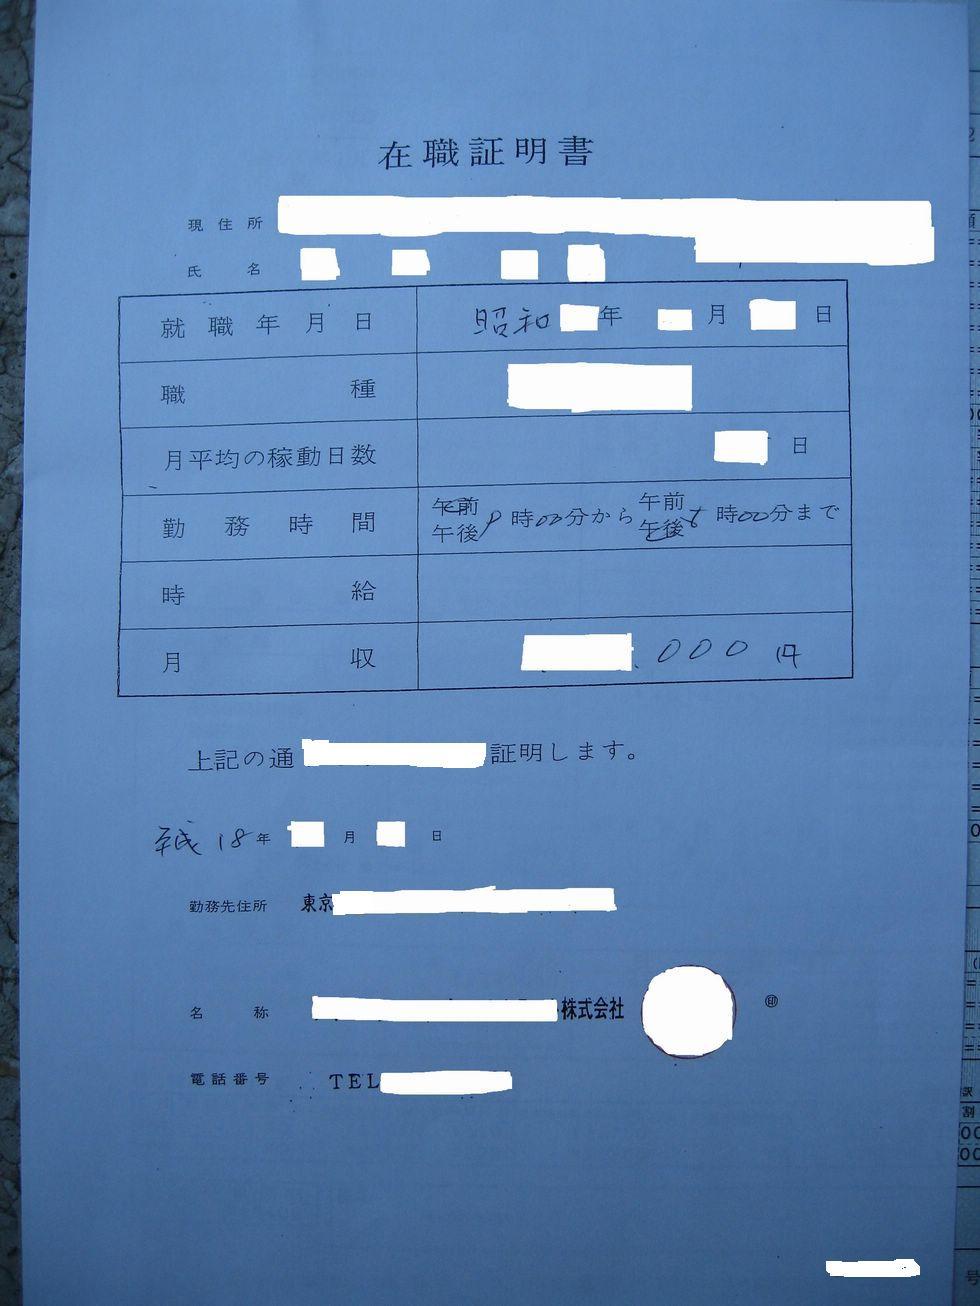 委任状(戸籍・住民票・住民異動届関係) 松山市 …